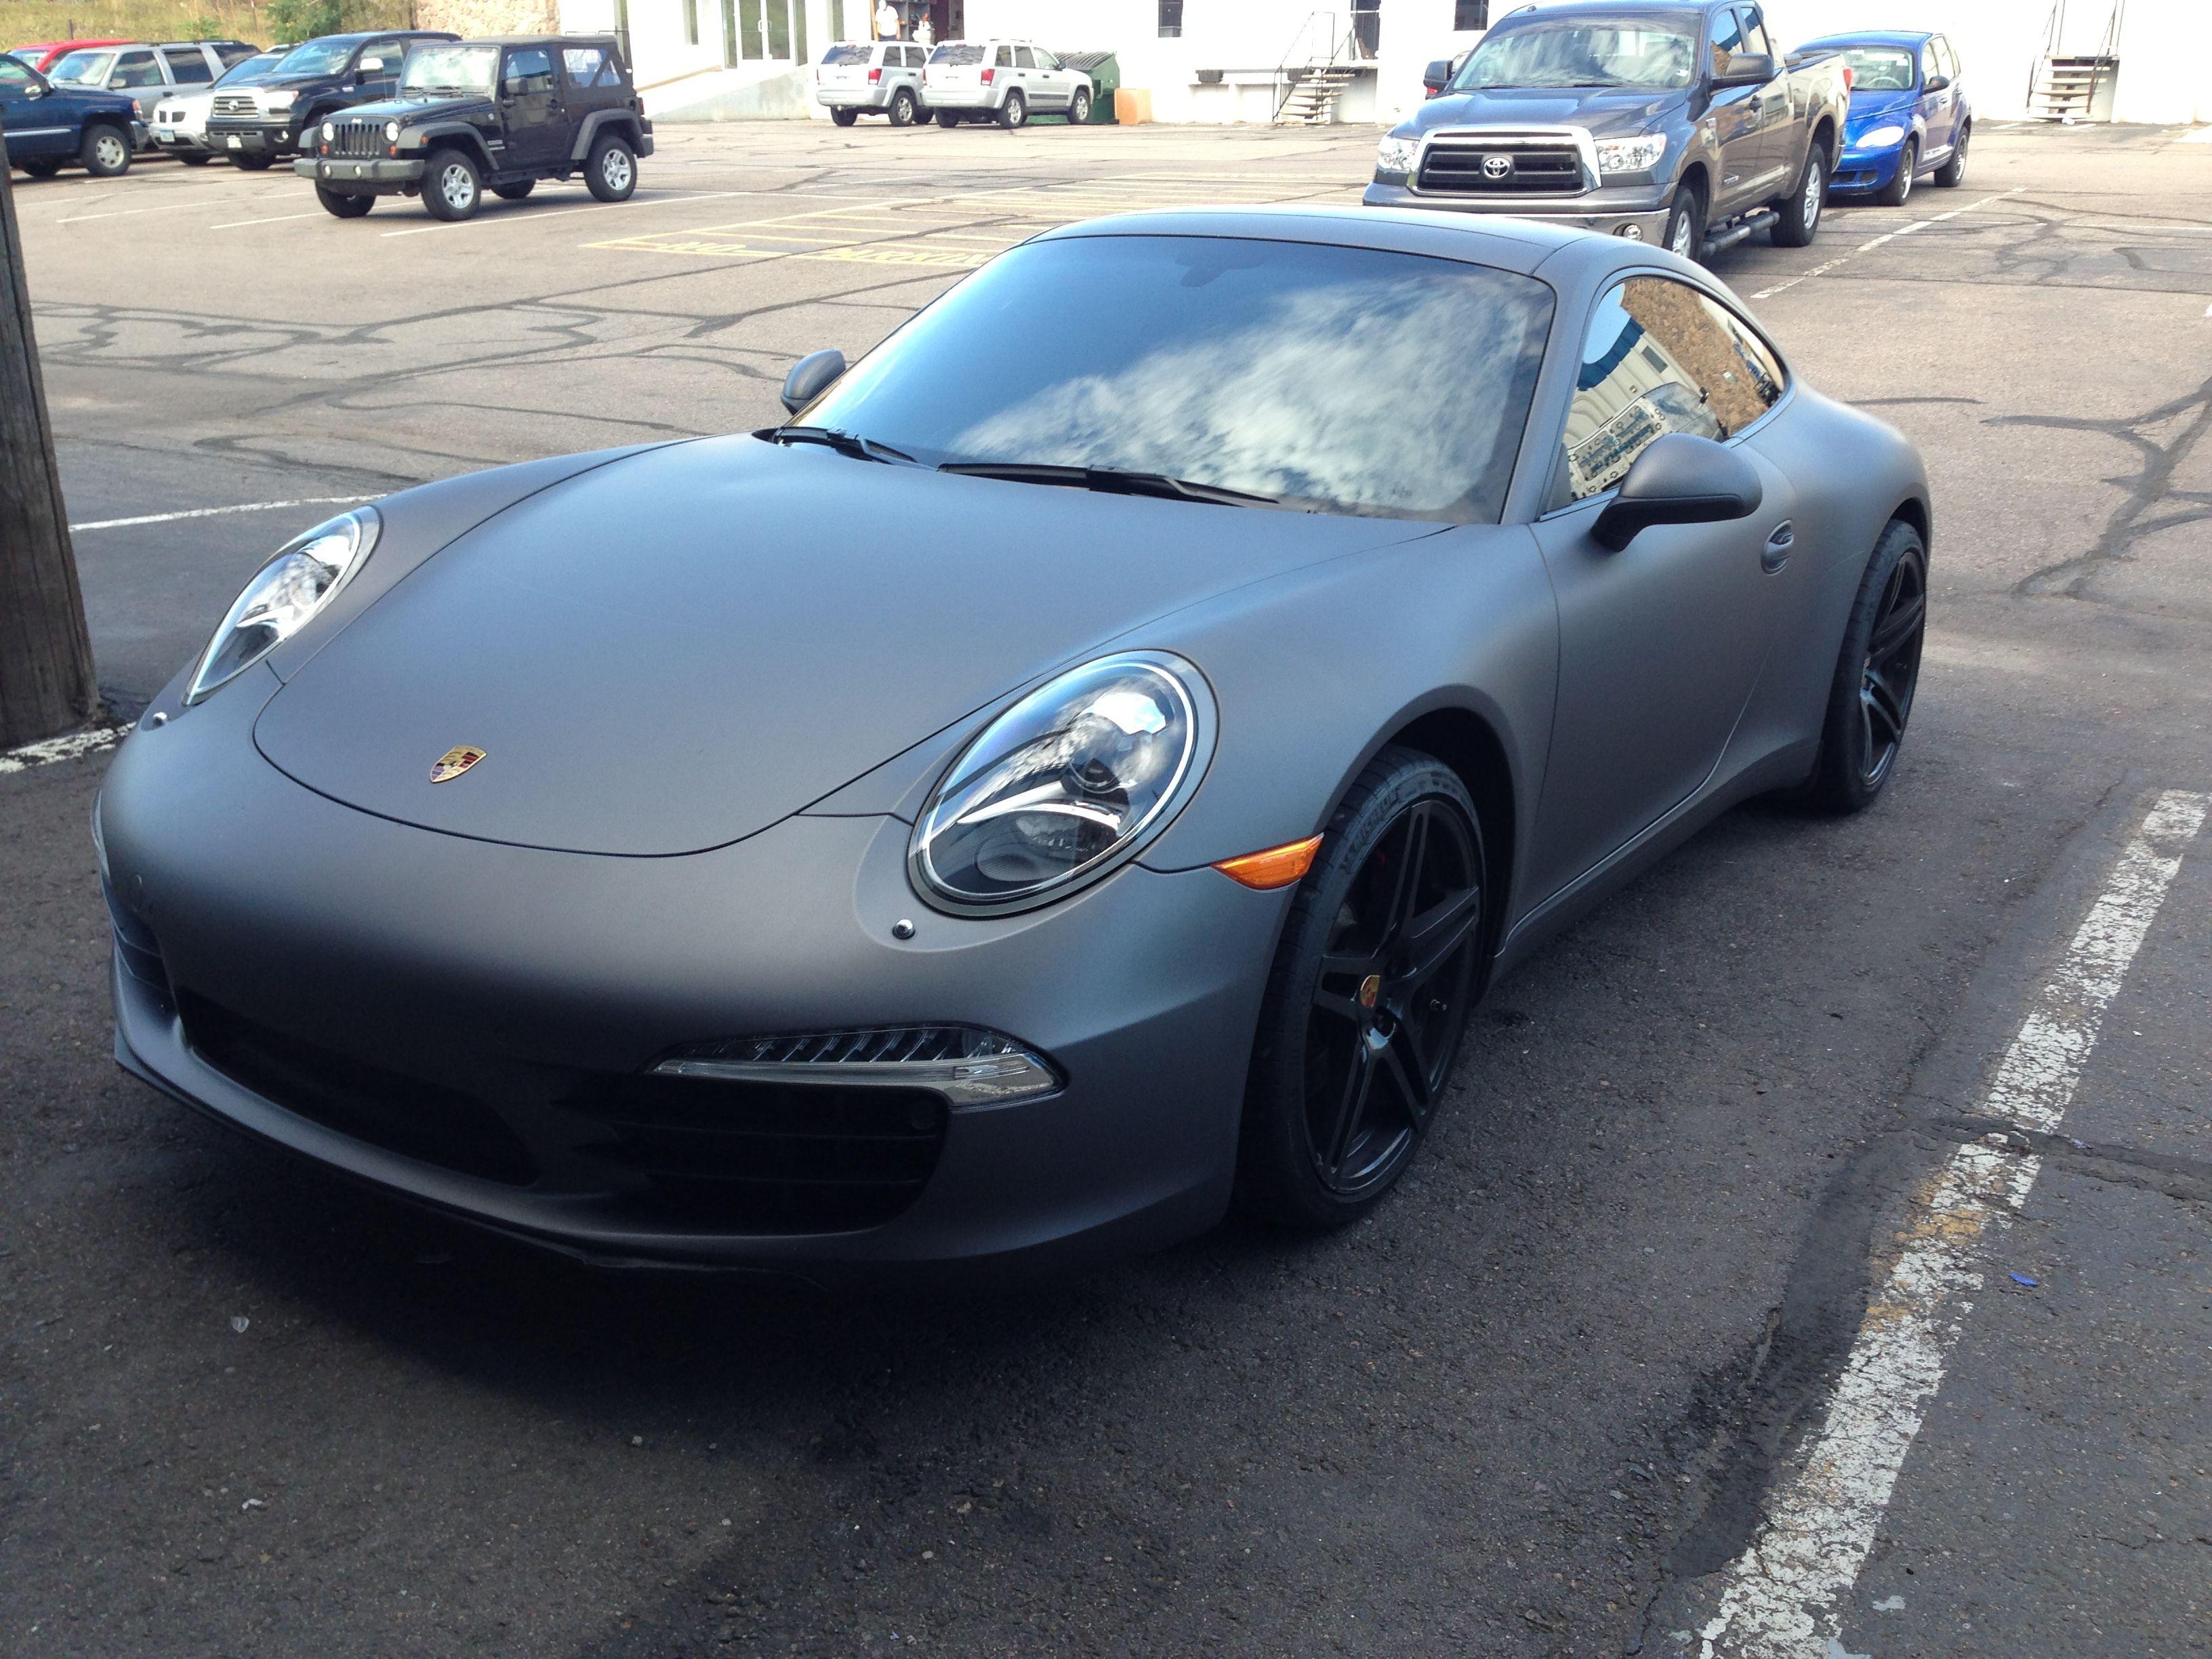 Premier graphics paint wraps vehicle wraps in denver colorado 3m matte grey metallic